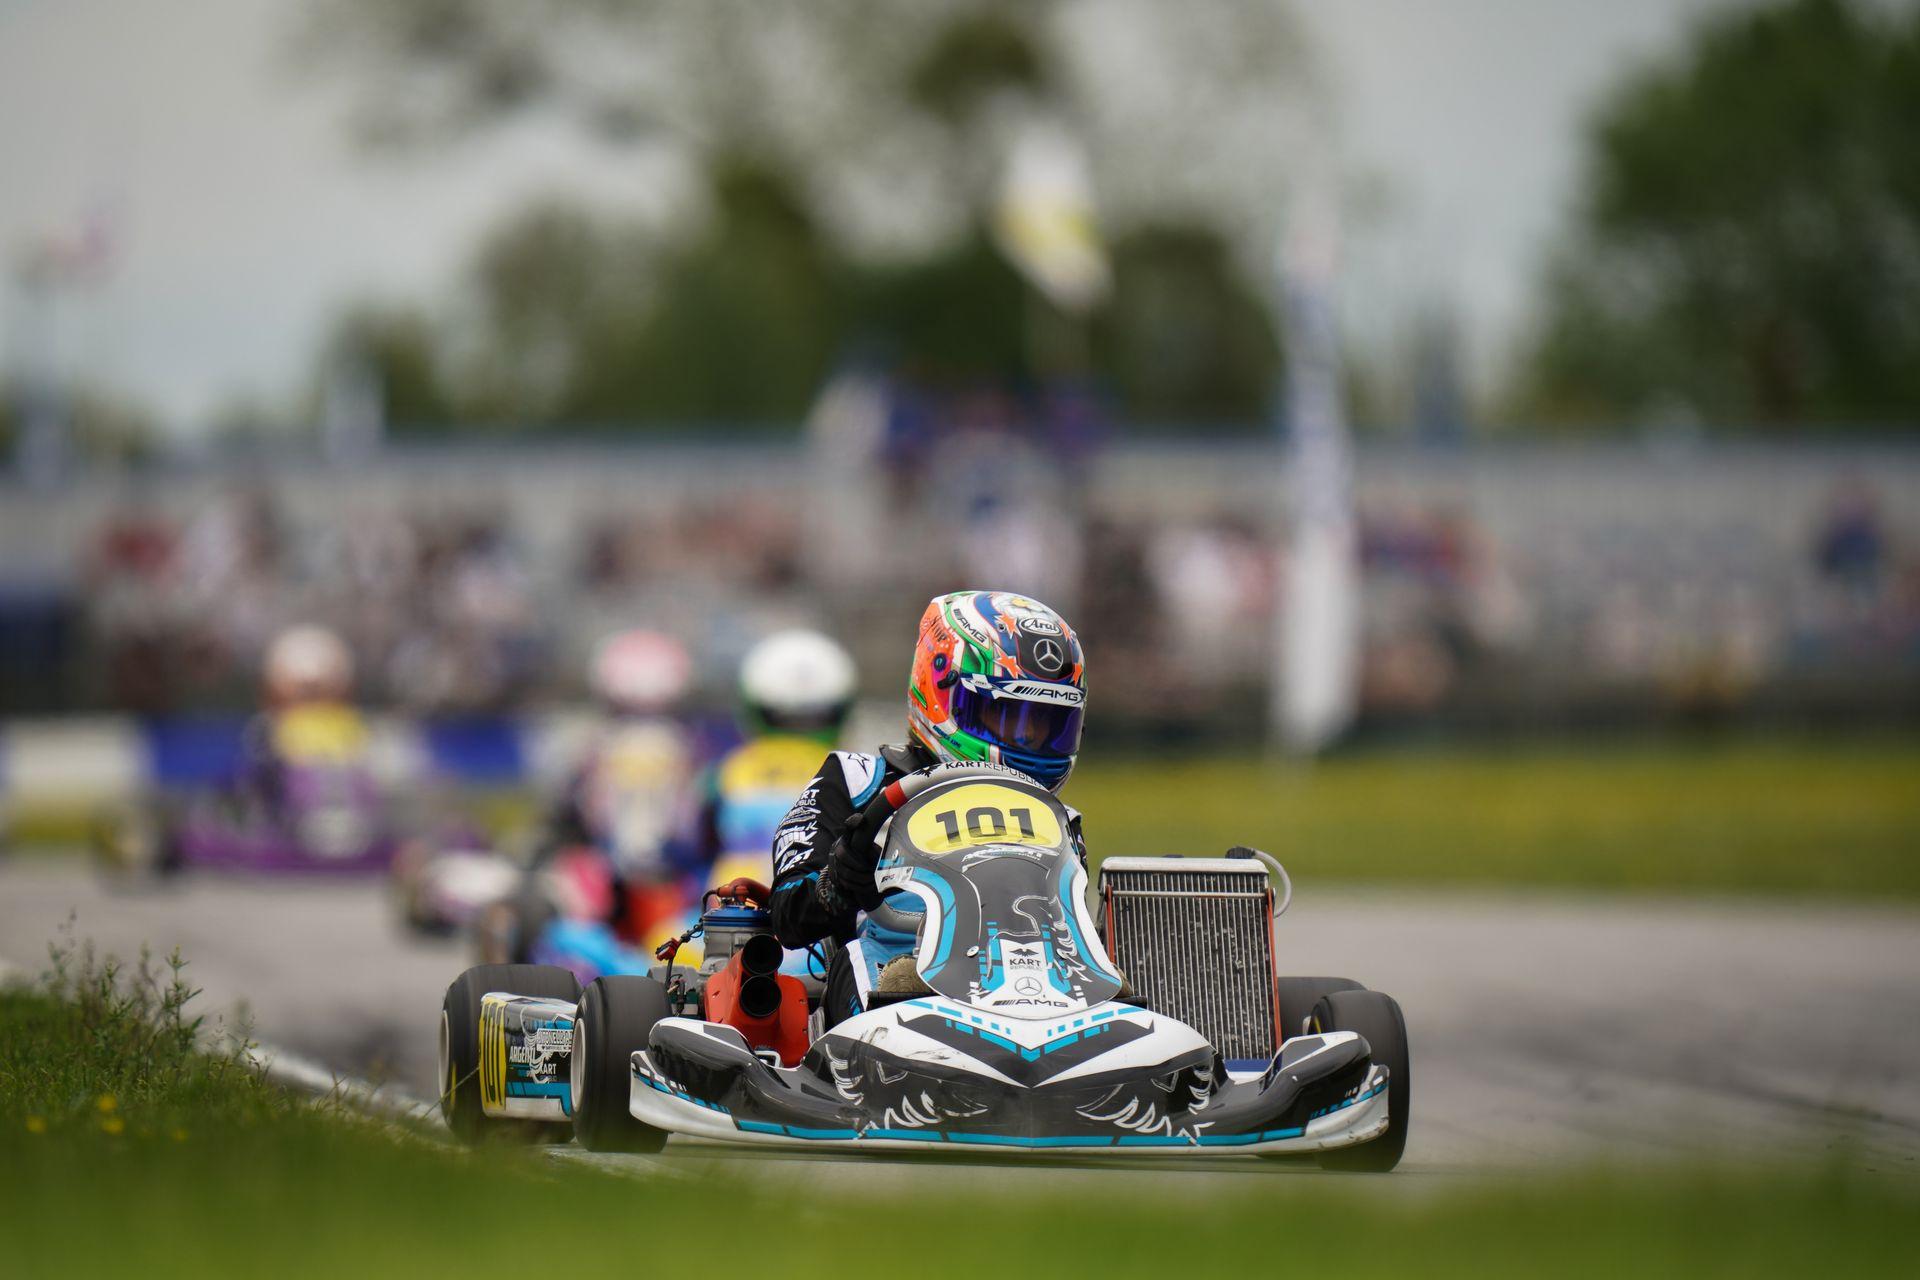 FIA Karting European Championship, Essay - Ferreira and Antonelli win the finals